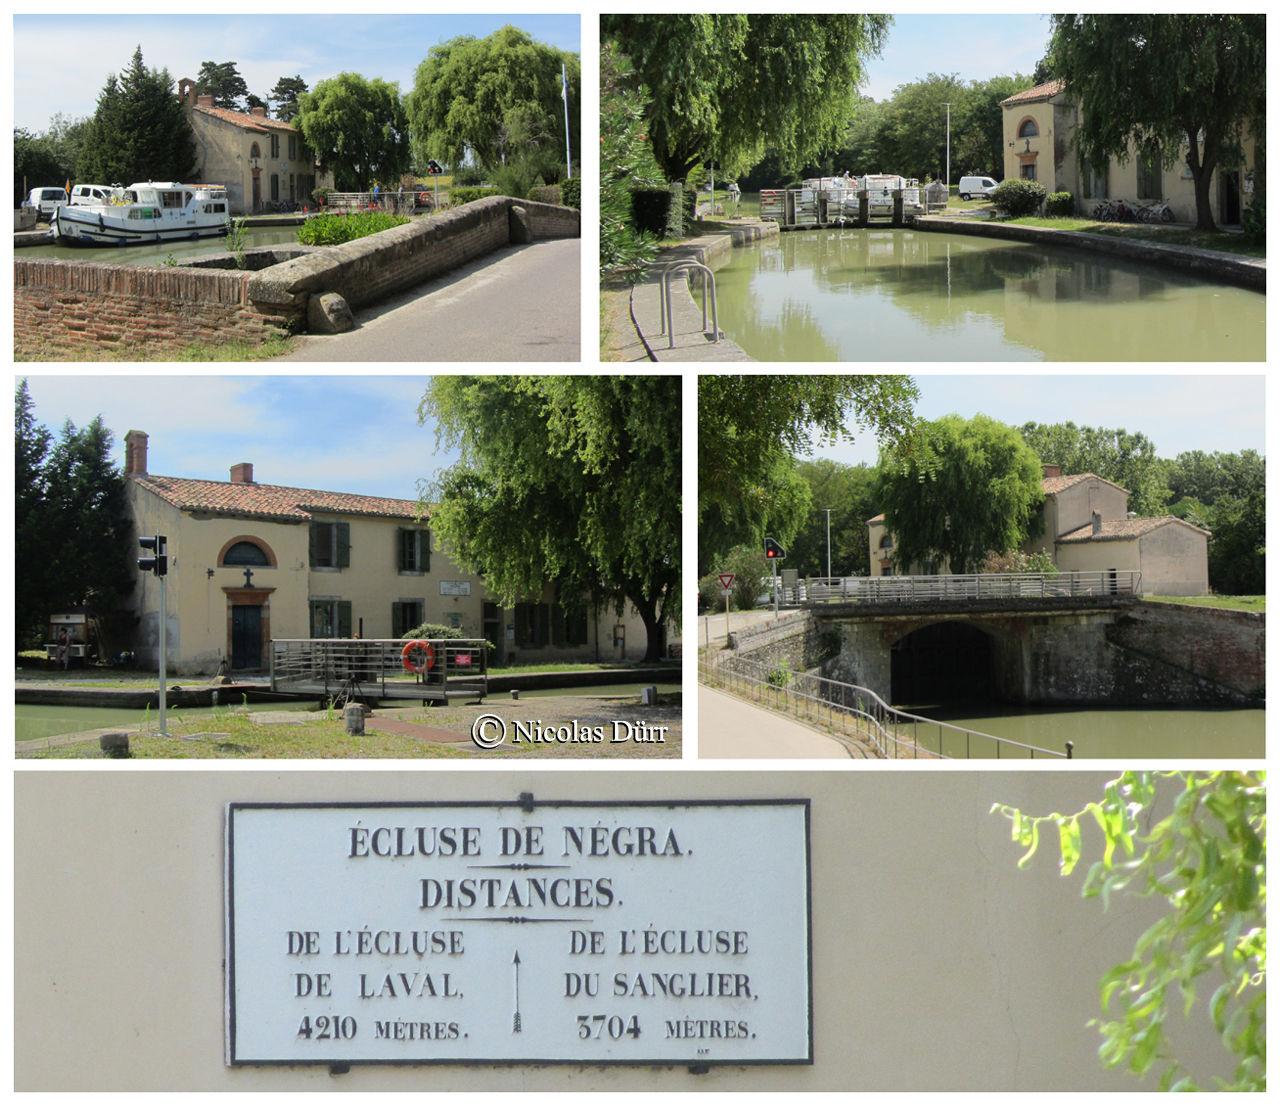 L'écluse de Negra, 1673, à bassin simple, 9e à franchir par les navigants (au km 33.315, altitude 166 m) et sa chapelle. Autrefois la 1ère dînée de la barque de poste en provenance de Toulouse.